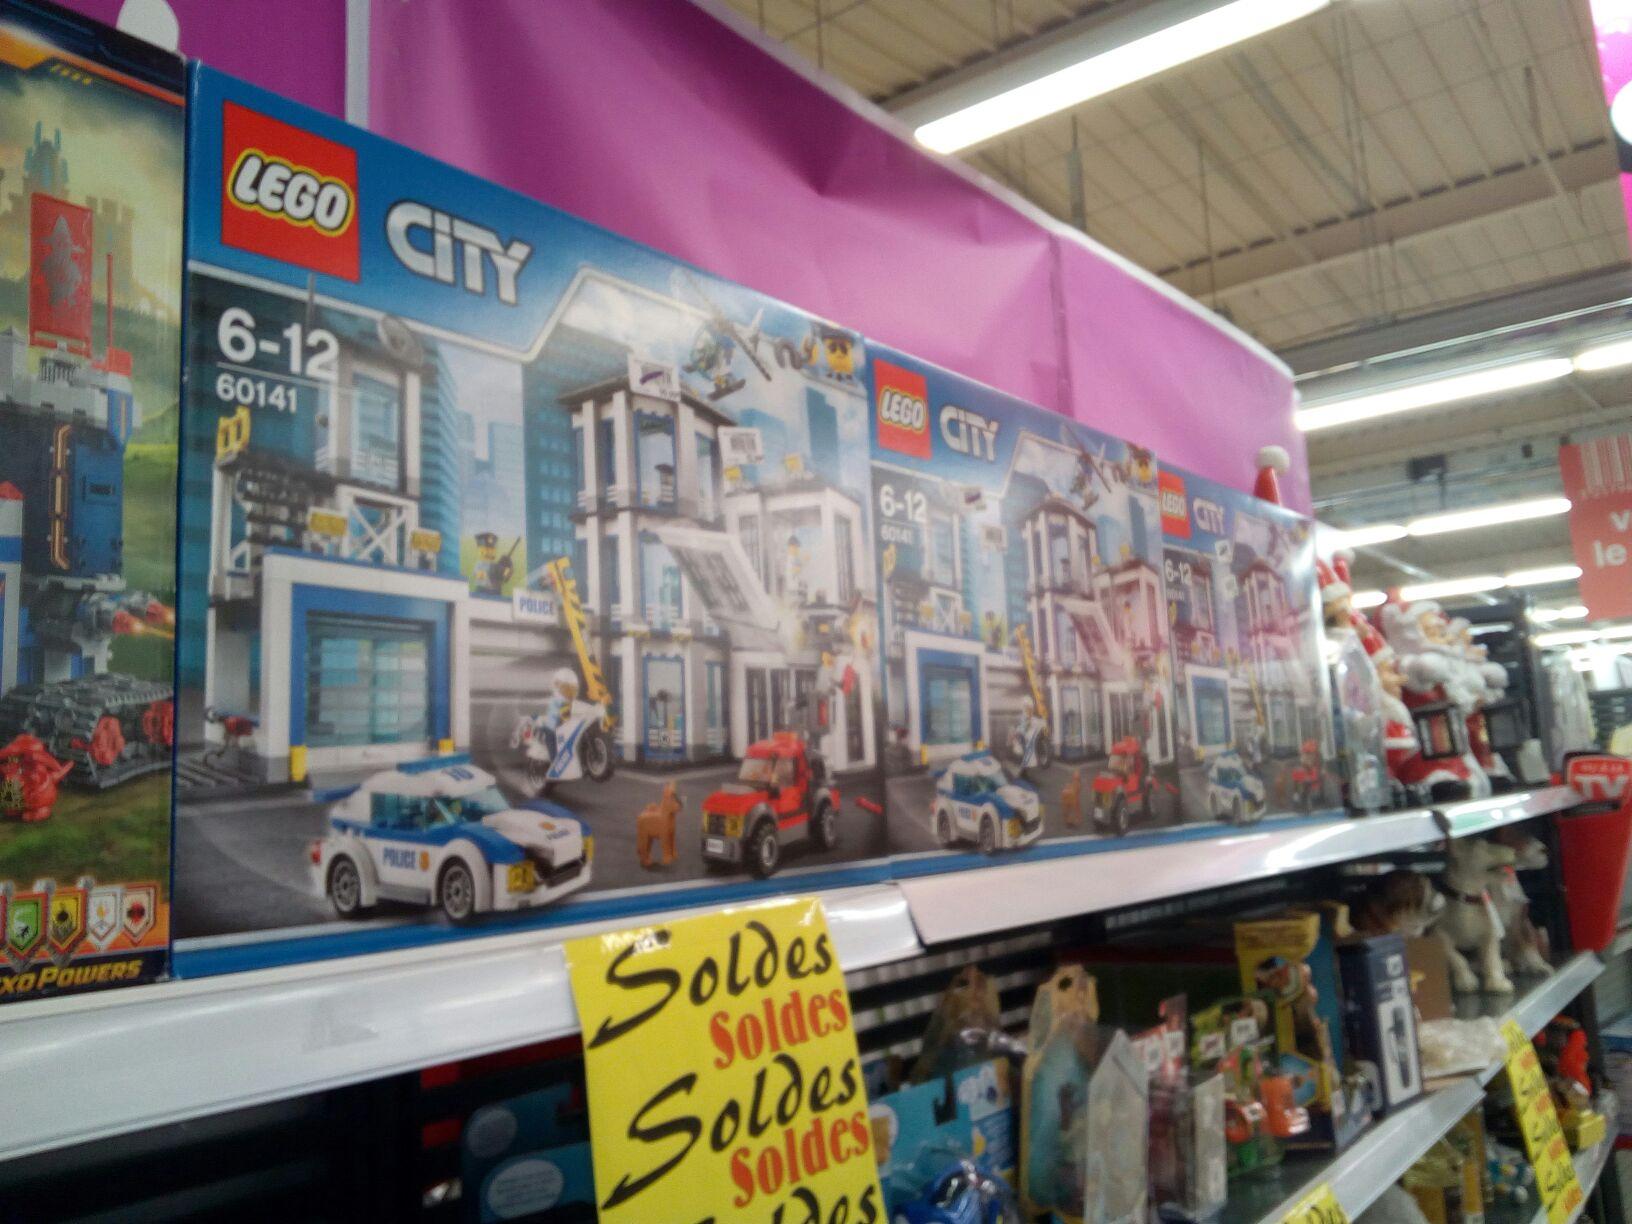 Jouet Lego City - Le commissariat de police (60141) au Cora Saint-Dizier (52)